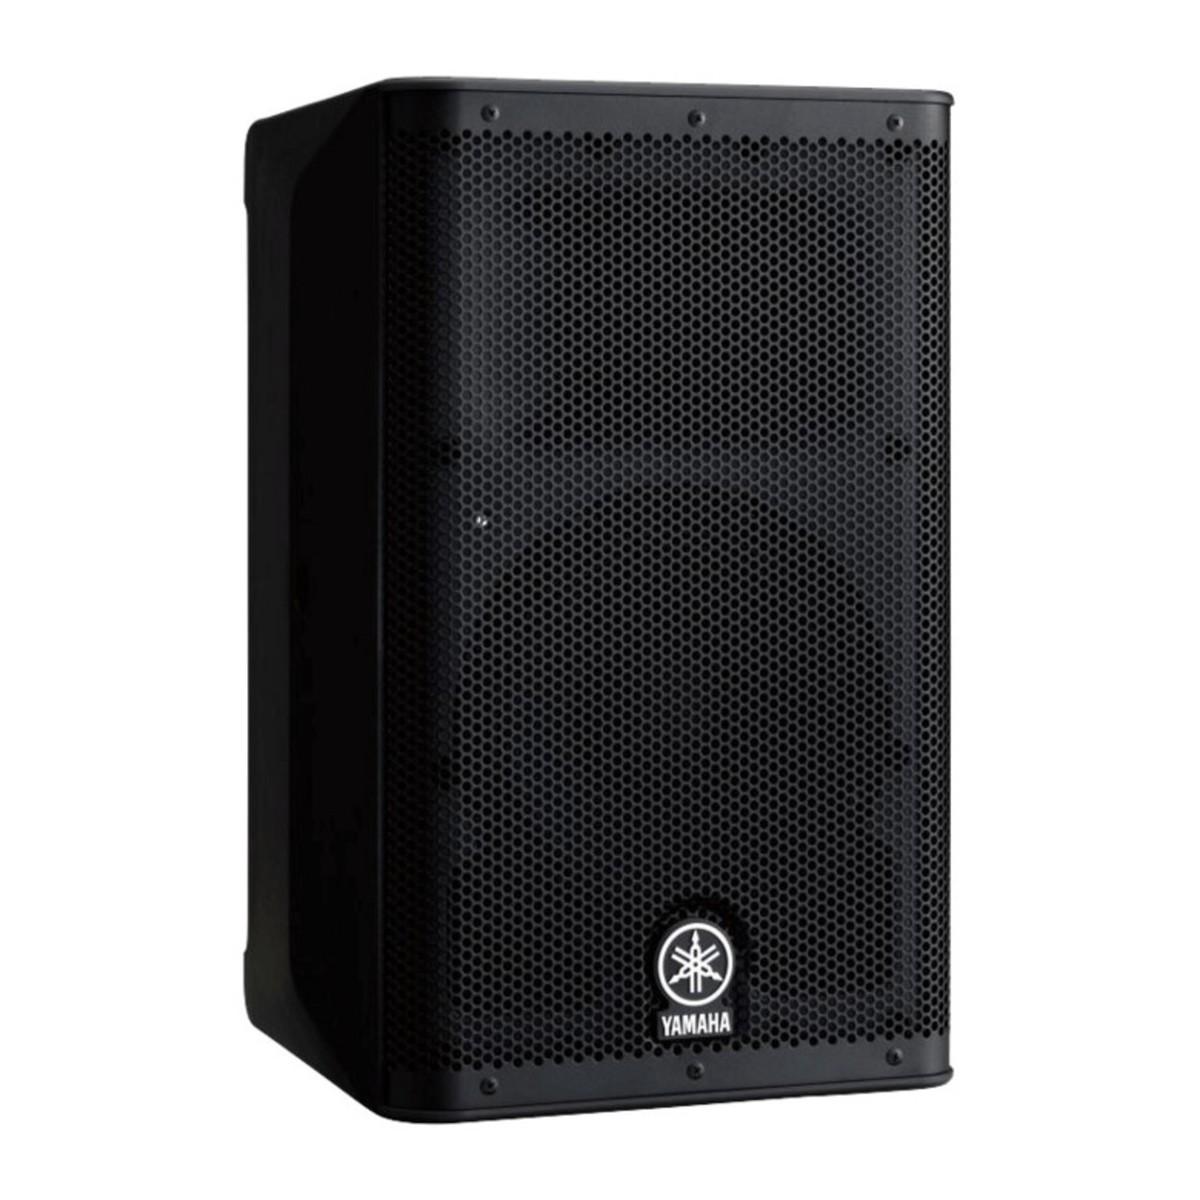 Yamaha dxr10 active pa speaker bundle at for Yamaha dxr10 speakers